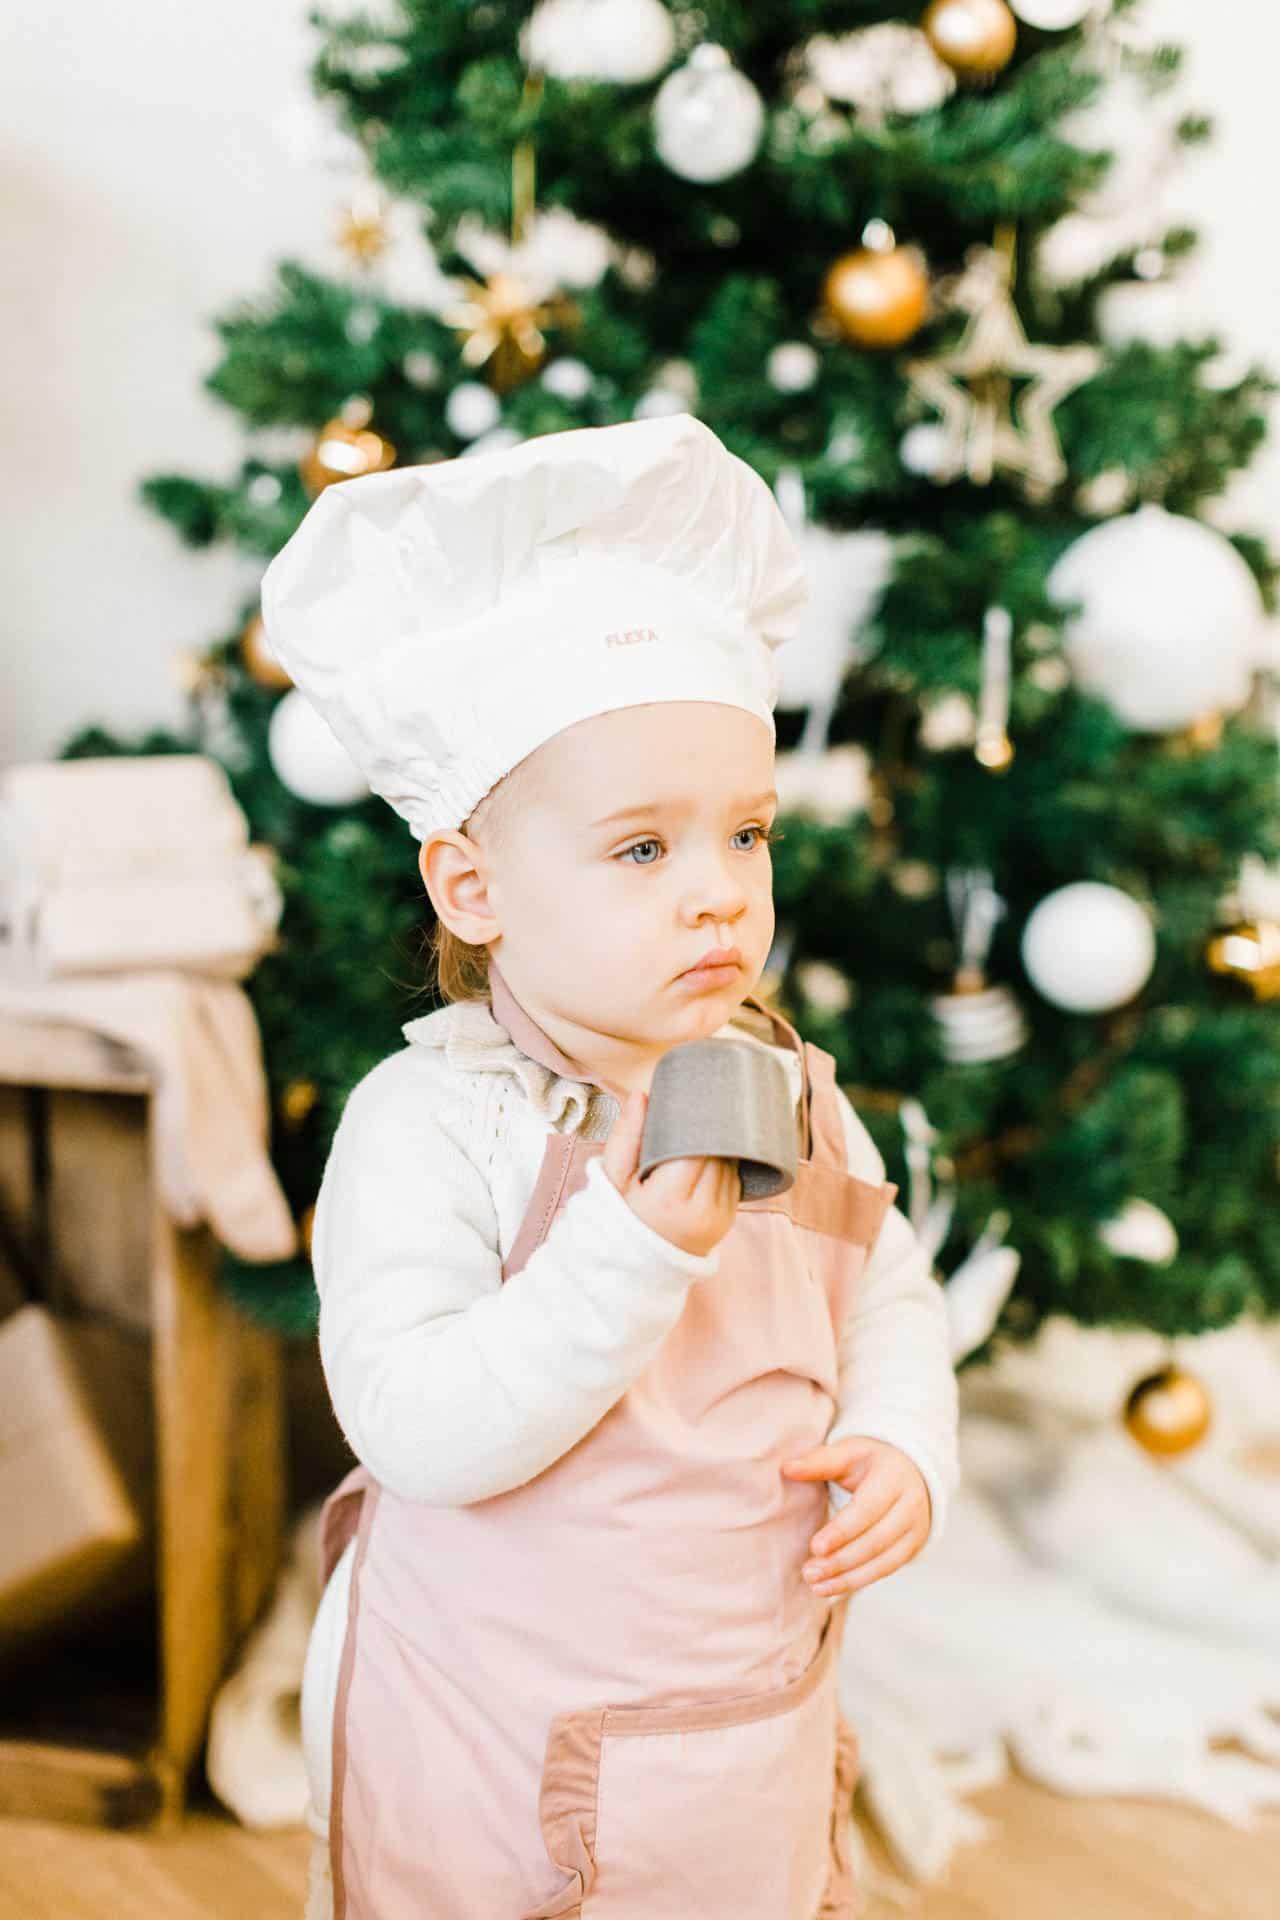 costume-chef-de-cuisine-rose-pour-enfant-flexa-play